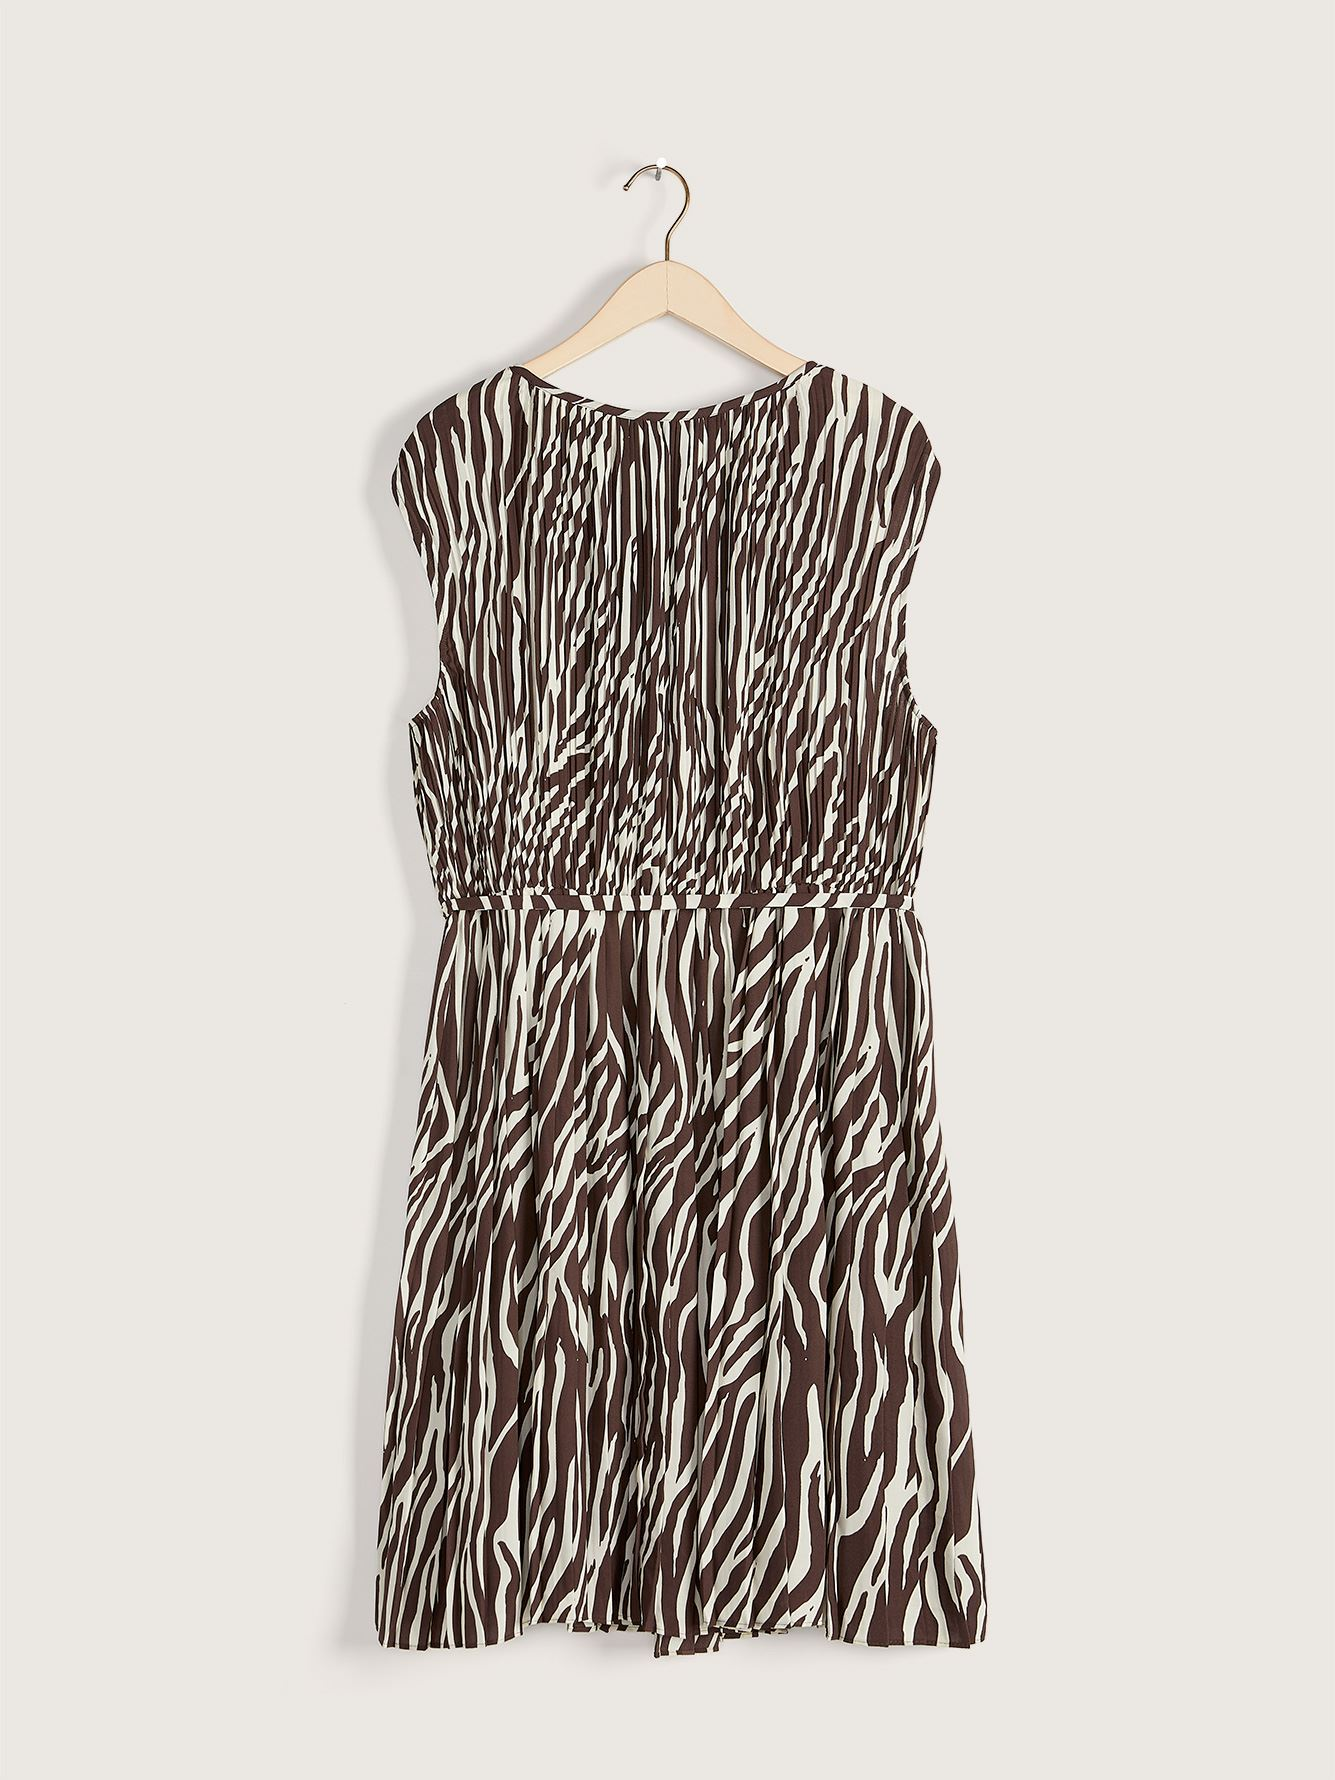 Animal Print Pleated Dress - Addition Elle